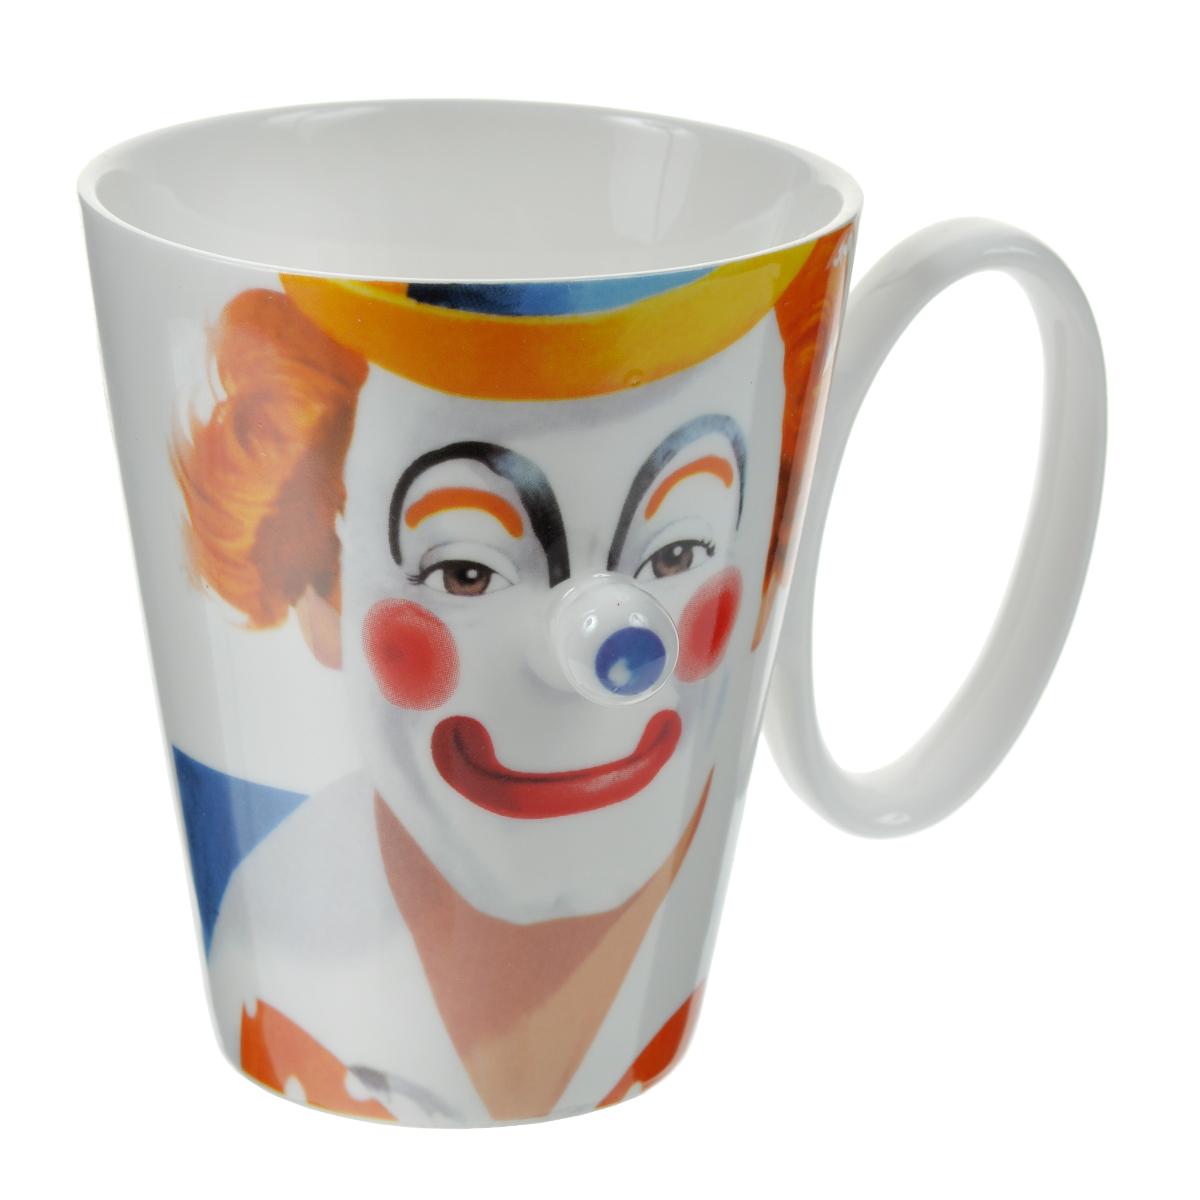 Кружка Клоун, синий нос. 003428003428Оригинальная кружка Клоун выполнена из керамики и оформлена забавным изображением клоуна с выступающим синим носом. Такая кружка станет не только приятным, но и практичным сувениром. Характеристики:Материал:керамика. Высота кружки:10 см. Диаметр по верхнему краю: 8,5 см. Объем:200 мл. Размер упаковки:11,5 см х 9,5 см х 11 см. Артикул: 003428.